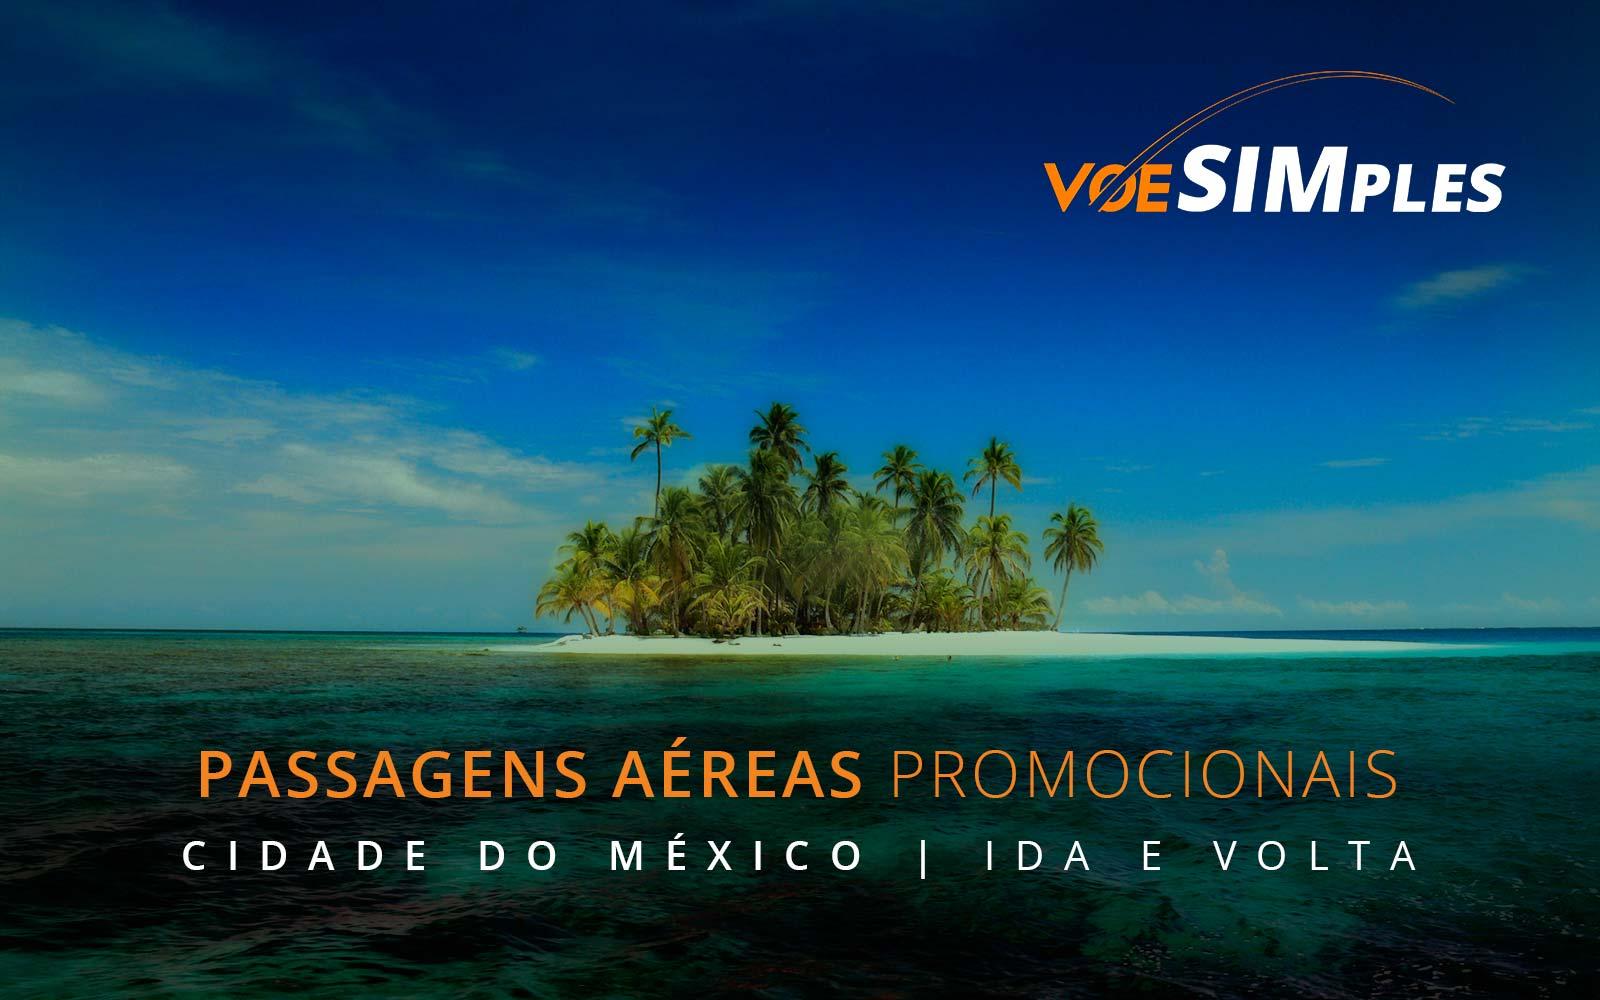 passagens-aereas-promocionais-panama-caribe-bocas-del-toro-isla-contadora-san-blas-voe-simples-passagens-aereas-baratas-promocao-panama-caribe